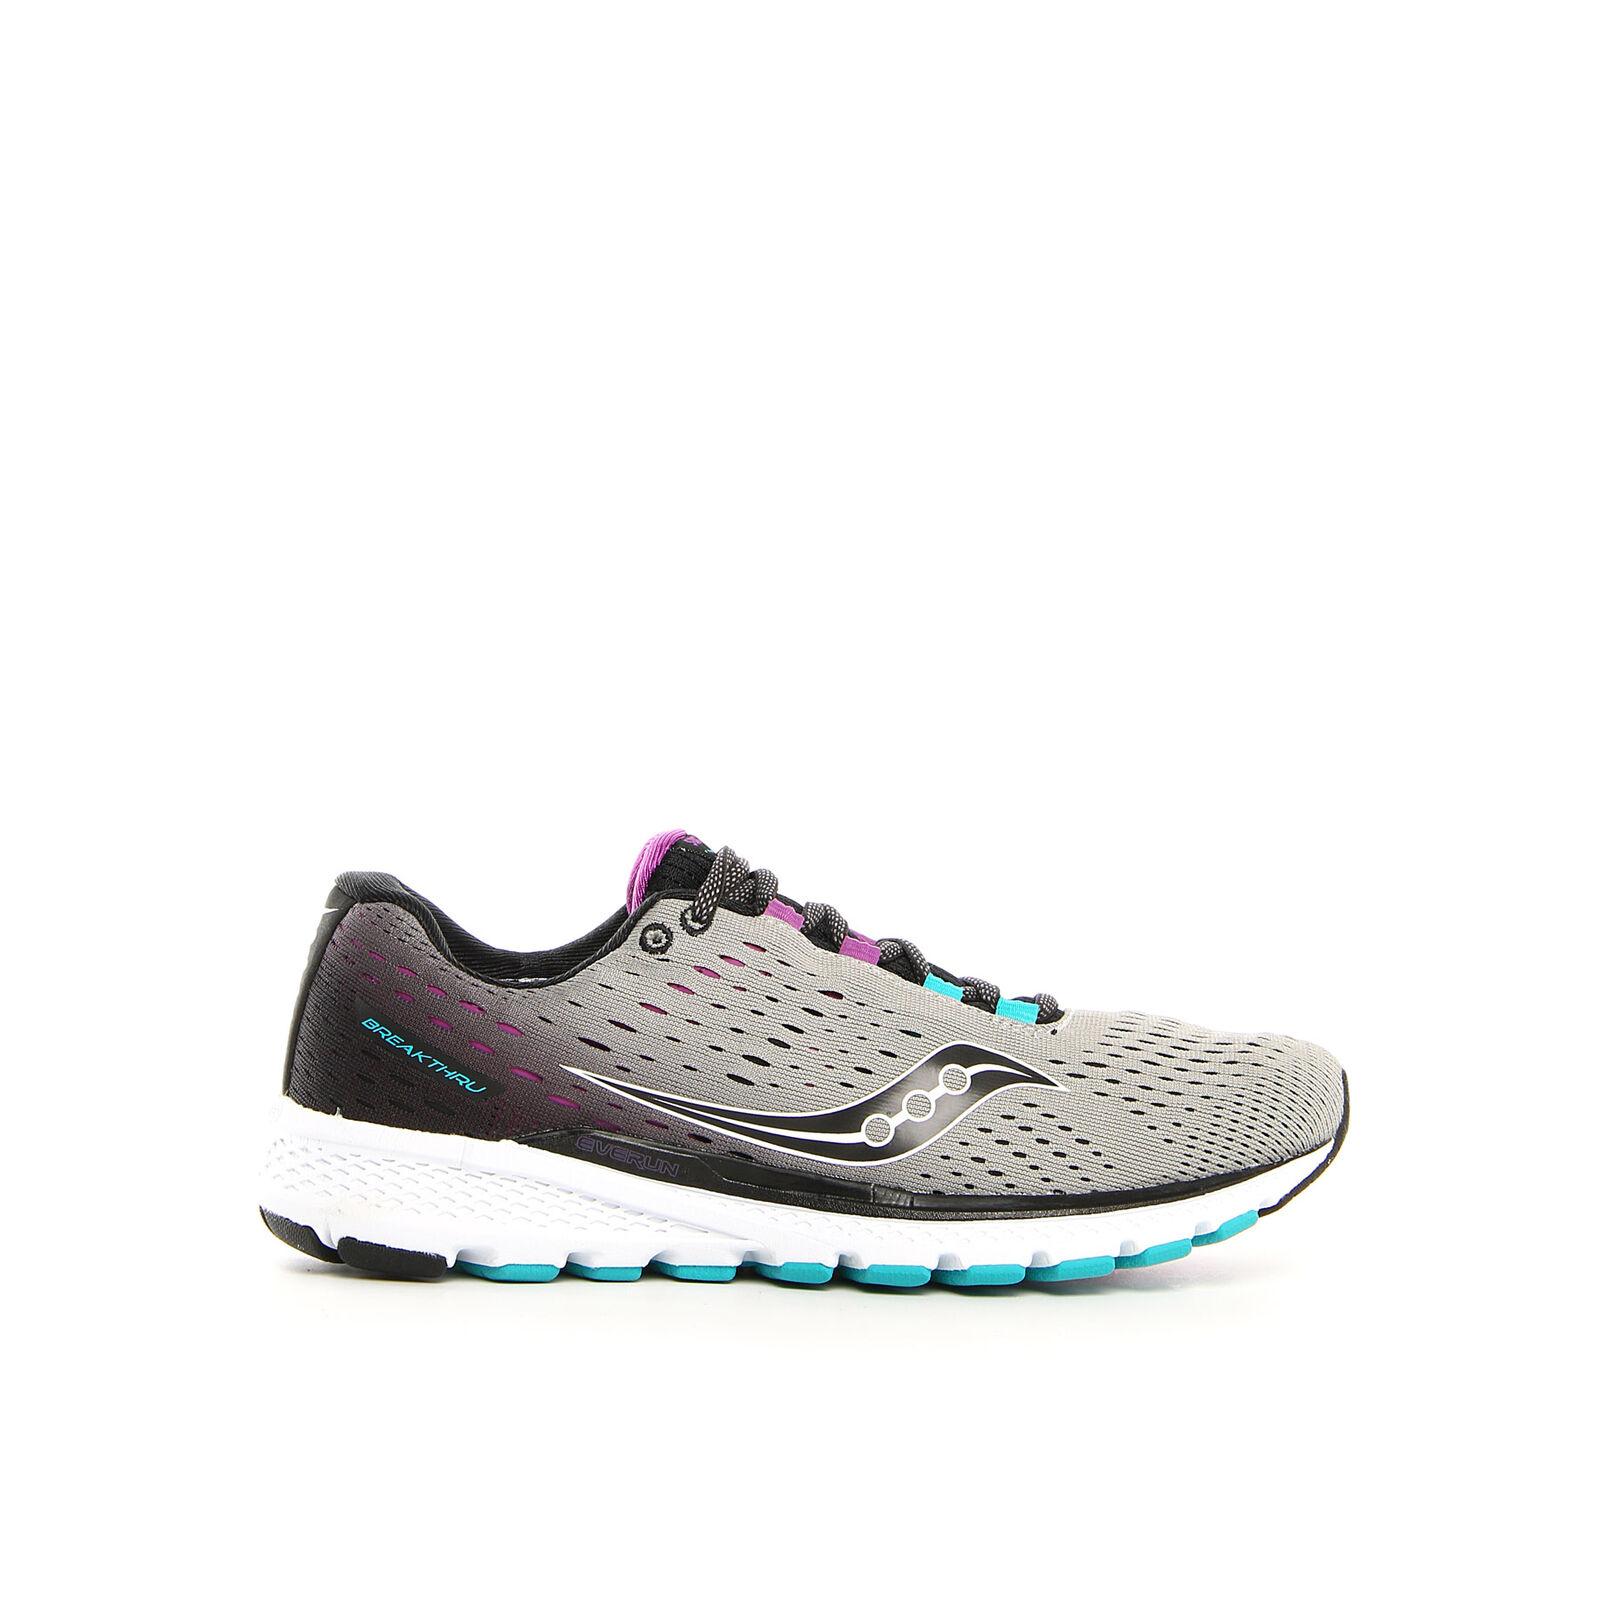 SAUCONY BREAKTHRU 3 W shoes RUNNING women 10358 02